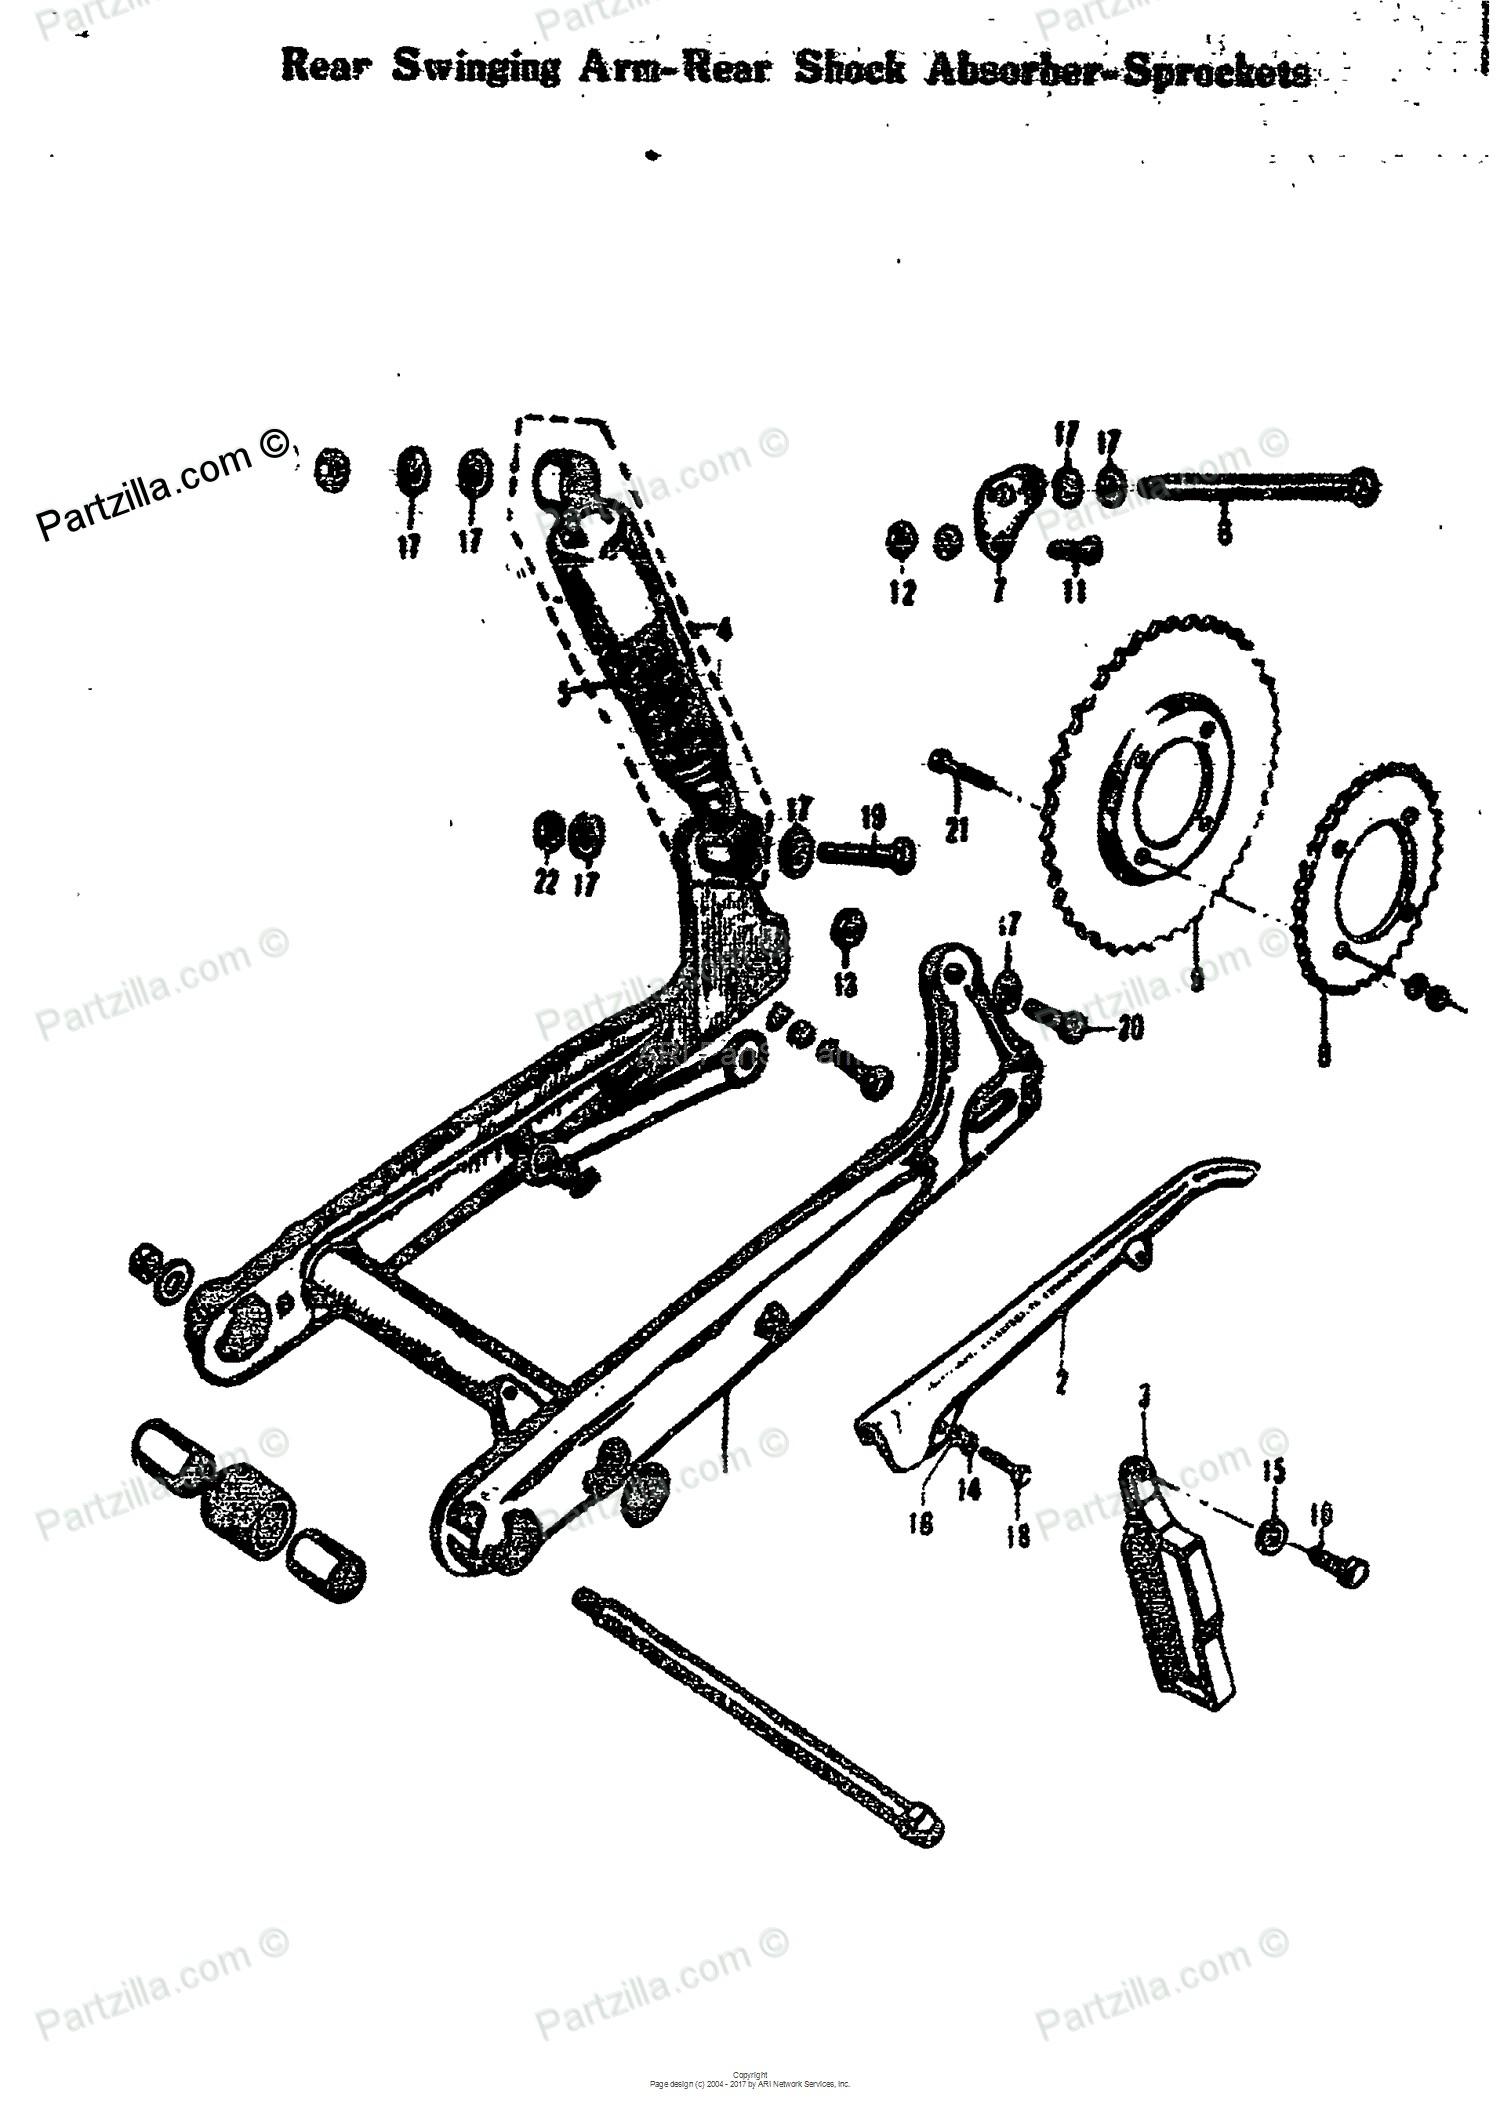 Car Shock Absorber Diagram Suzuki Motorcycle 1971 Oem